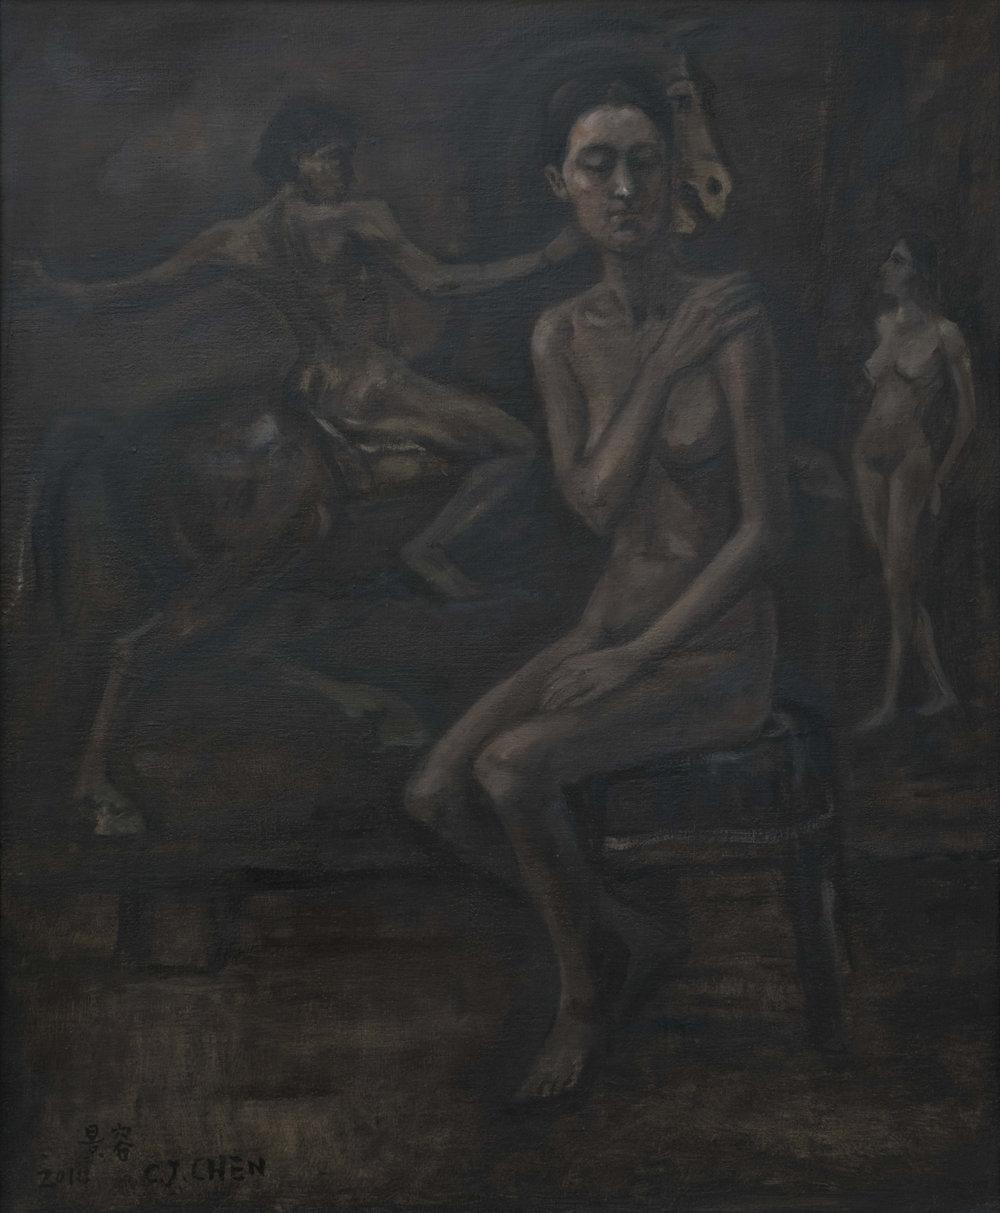 Jimmy Beunardeau - Pr Chen - Peintre taïwanais - repro oeuvres (11).jpg